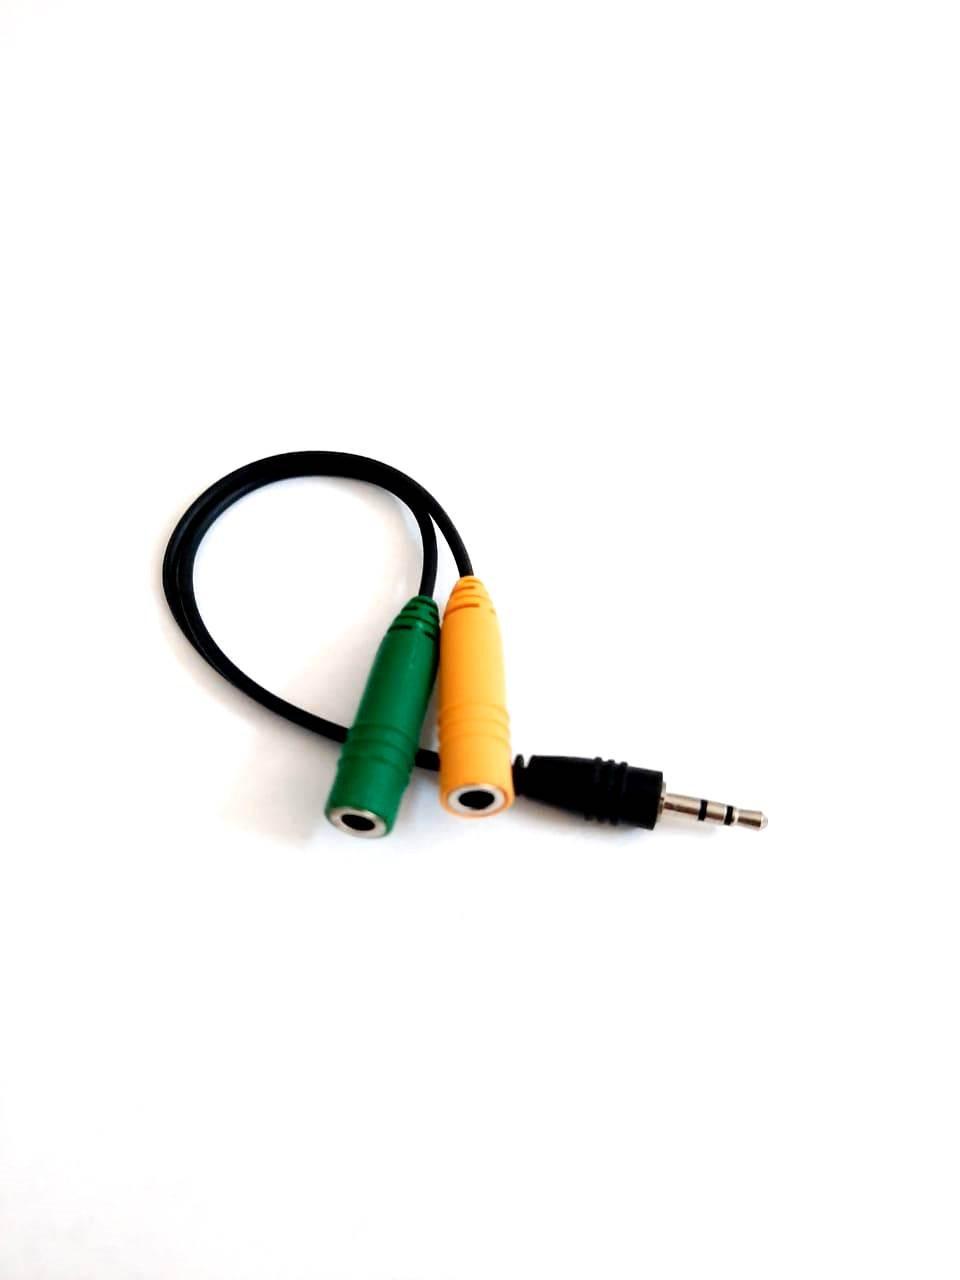 Cabo adaptador P1 p/ Fone de ouvido Controle Xbox 360